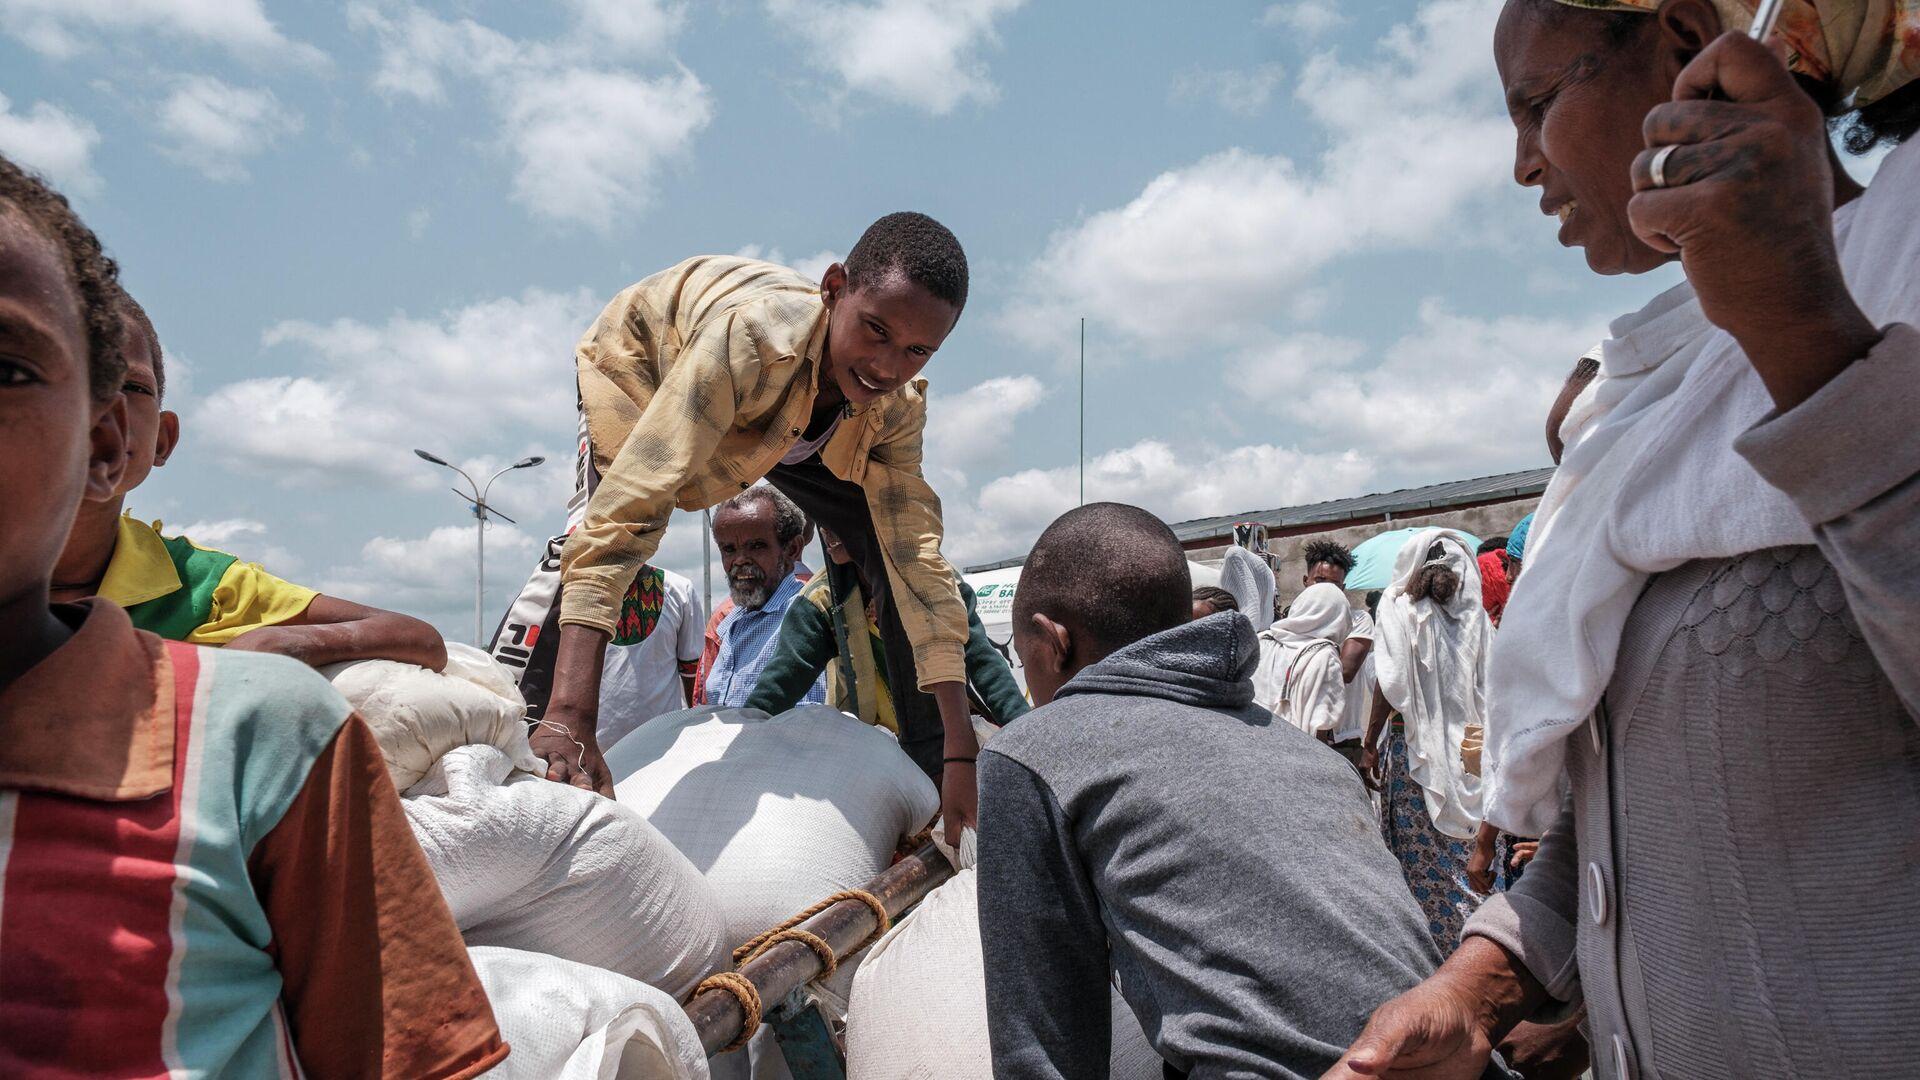 30 πτώματα στα σύνορα Σουδάν-Αιθιοπίας - Sputnik Ελλάδα, 1920, 03.08.2021